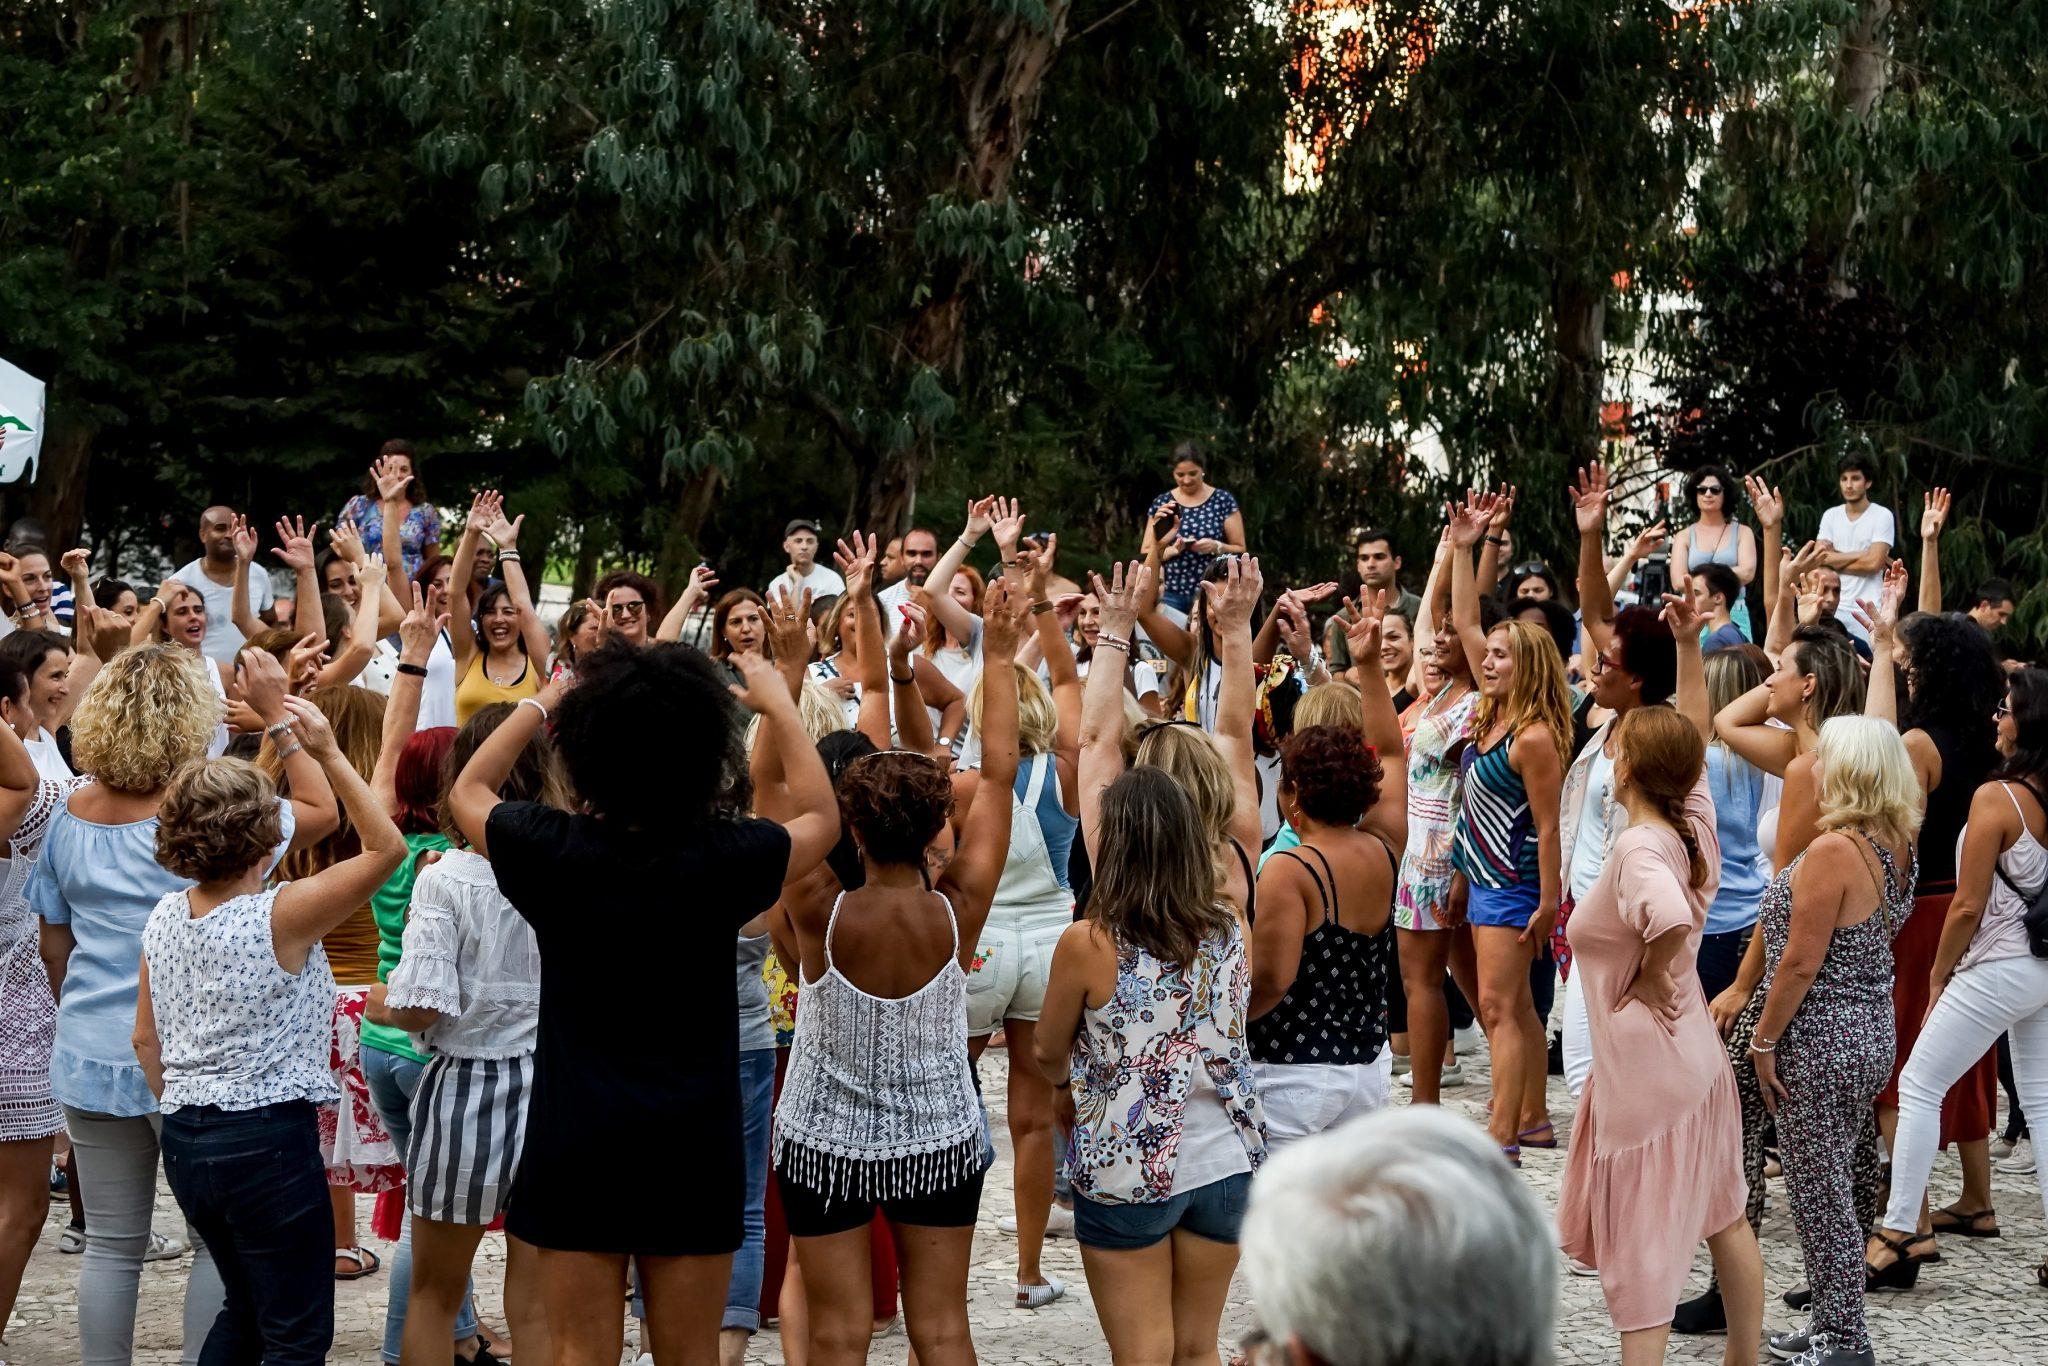 Grupo de pessoas em círculo, com os braços esticados para cima